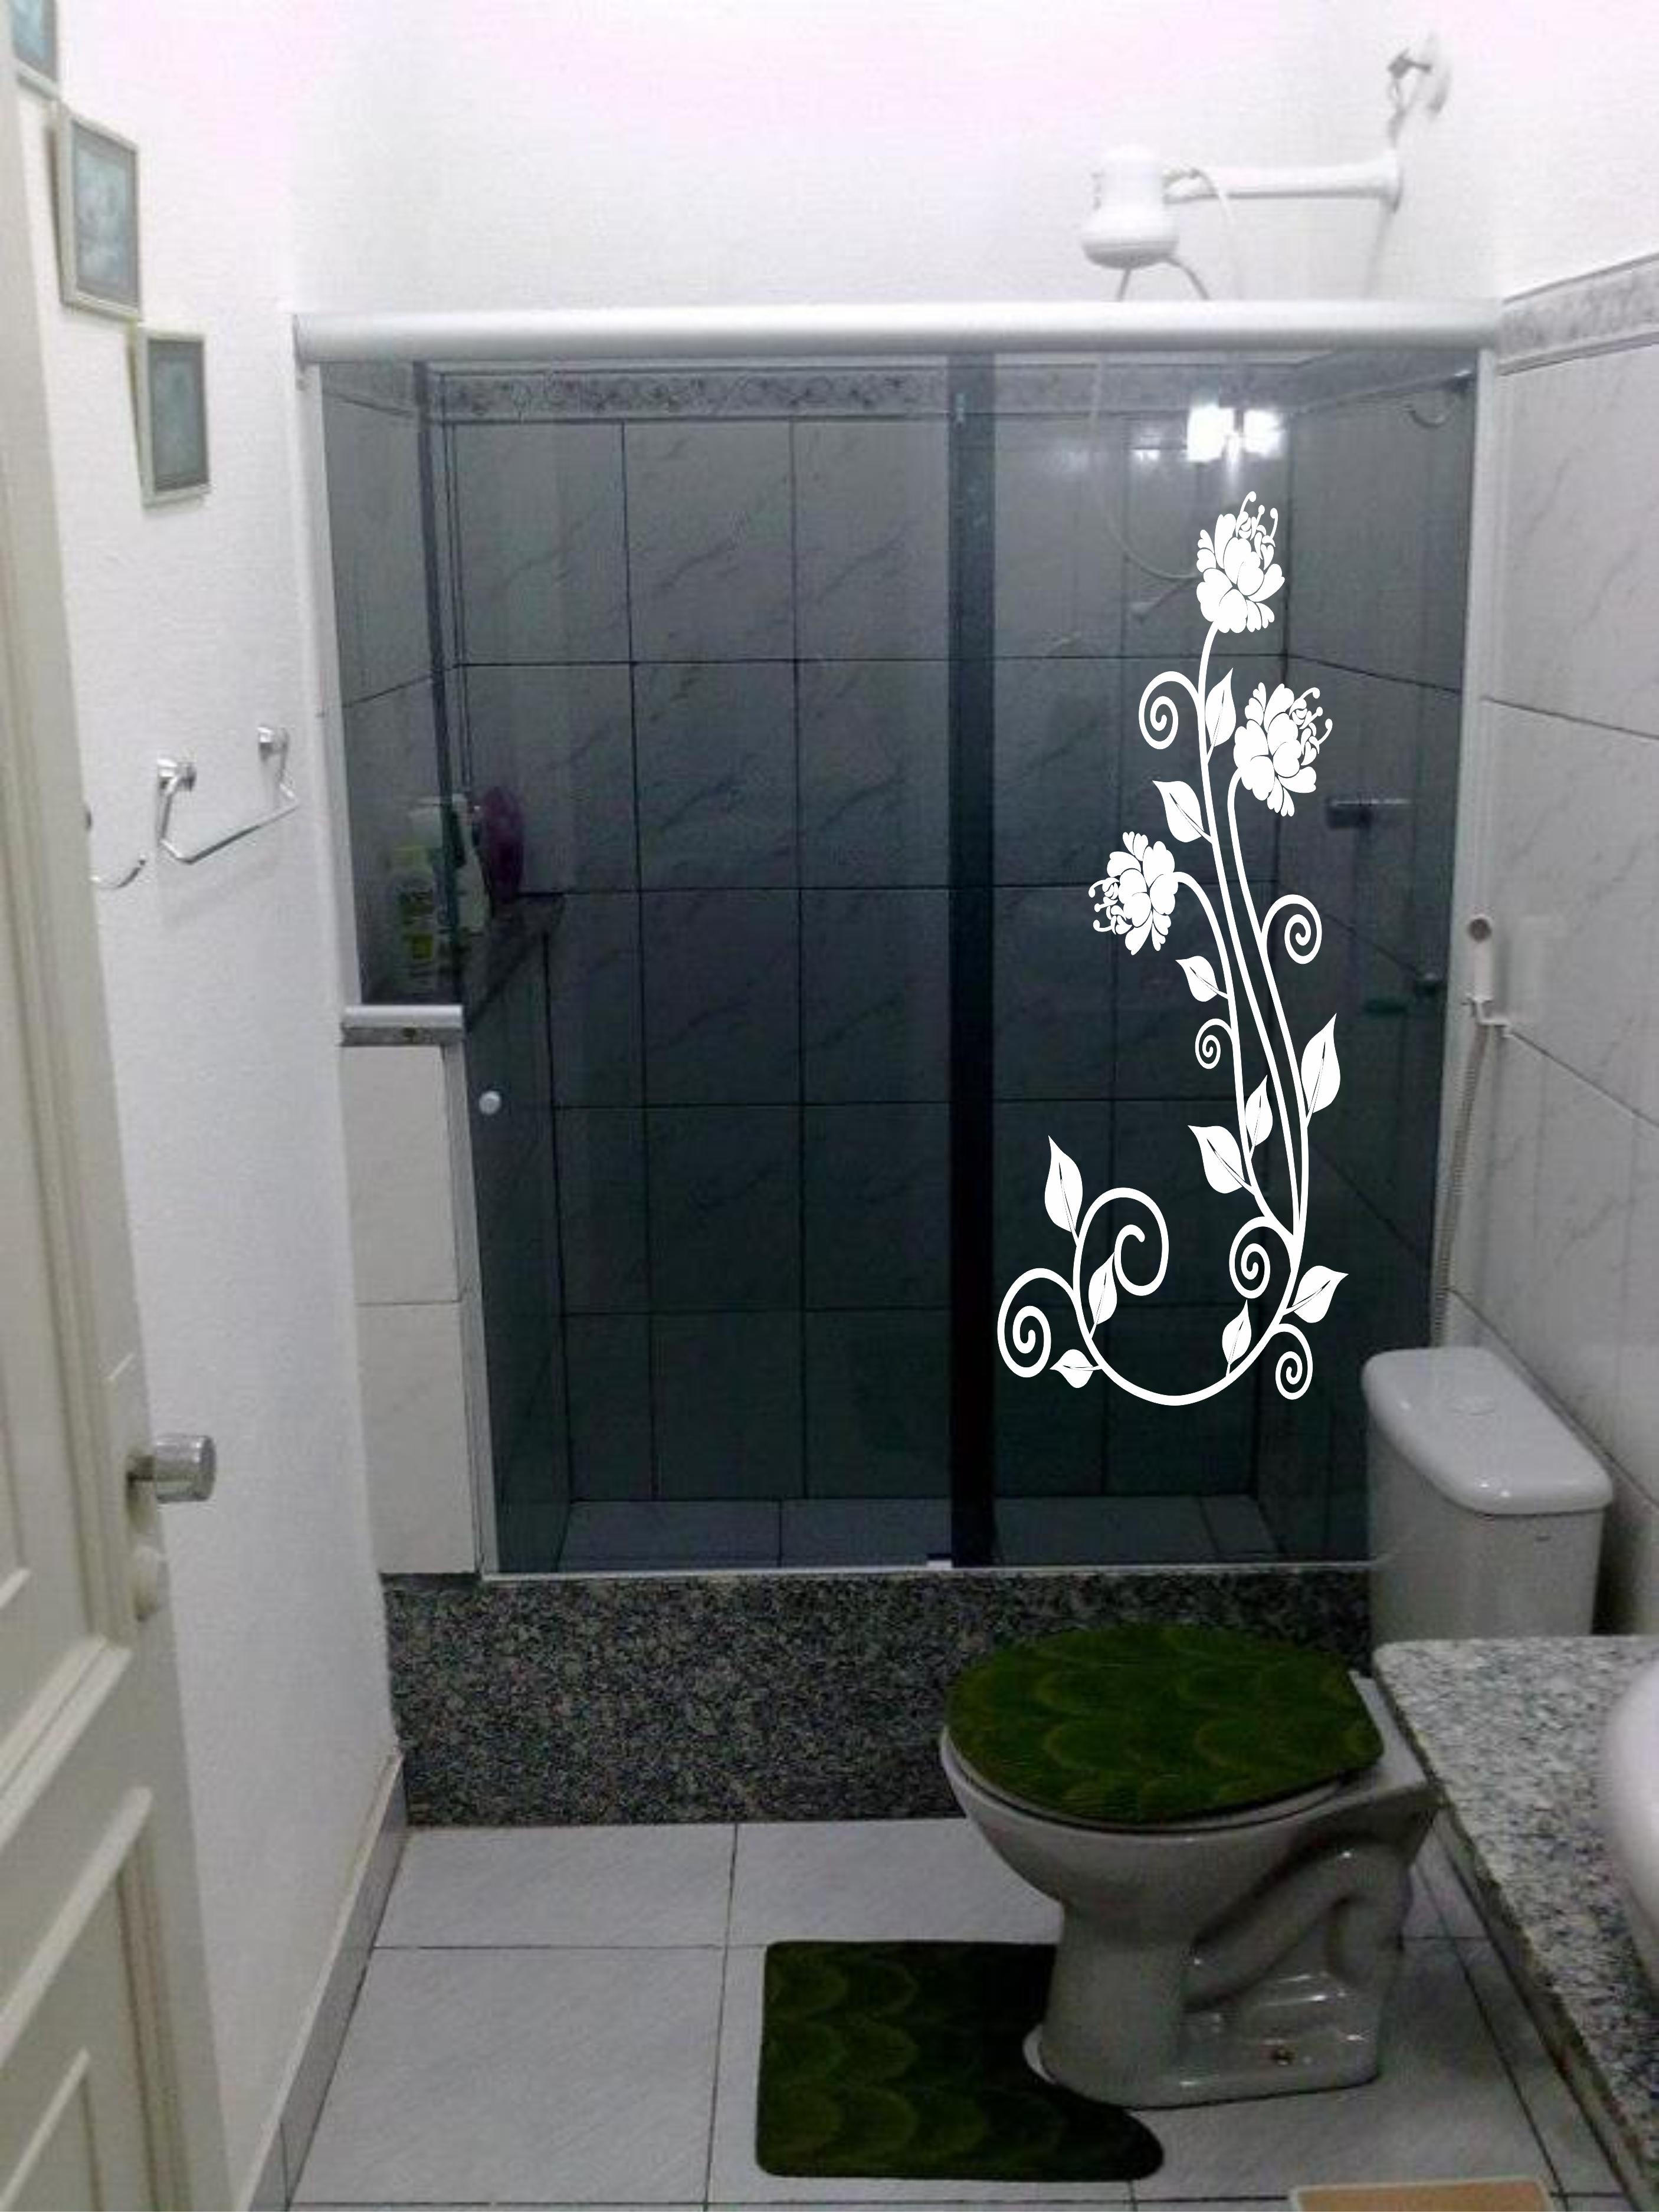 Adesivo Box Blindex banheiro Adesivos Sempre Viva Elo7 #665C4C 2812x3750 Banheiro De Blindex